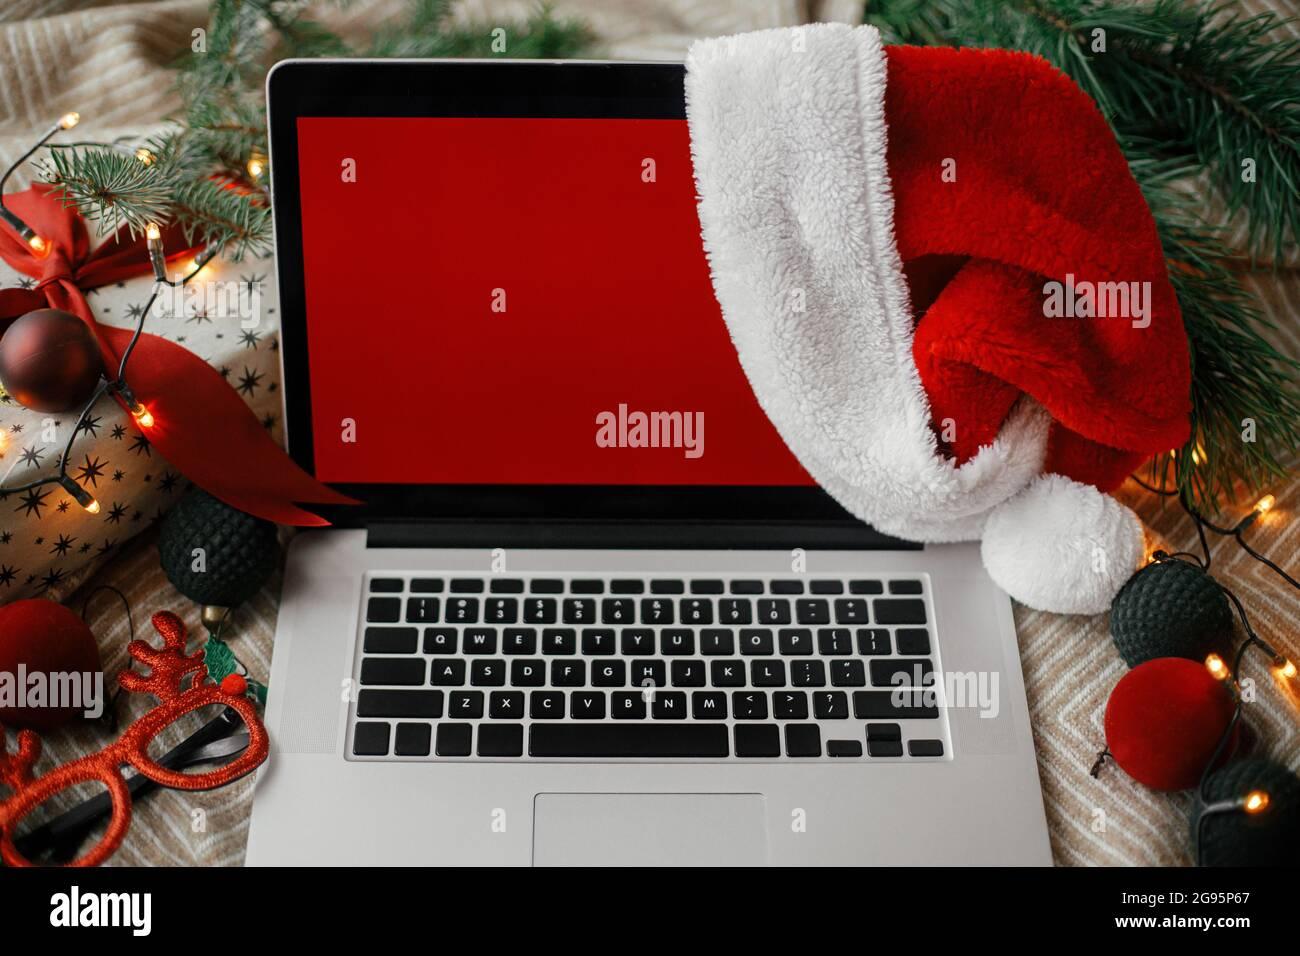 Ventas de Navidad y compras en línea. Portátil con pantalla roja vacía en sombrero de santa claus en una cómoda cama con elegantes adornos navideños, luz actual y festiva Foto de stock